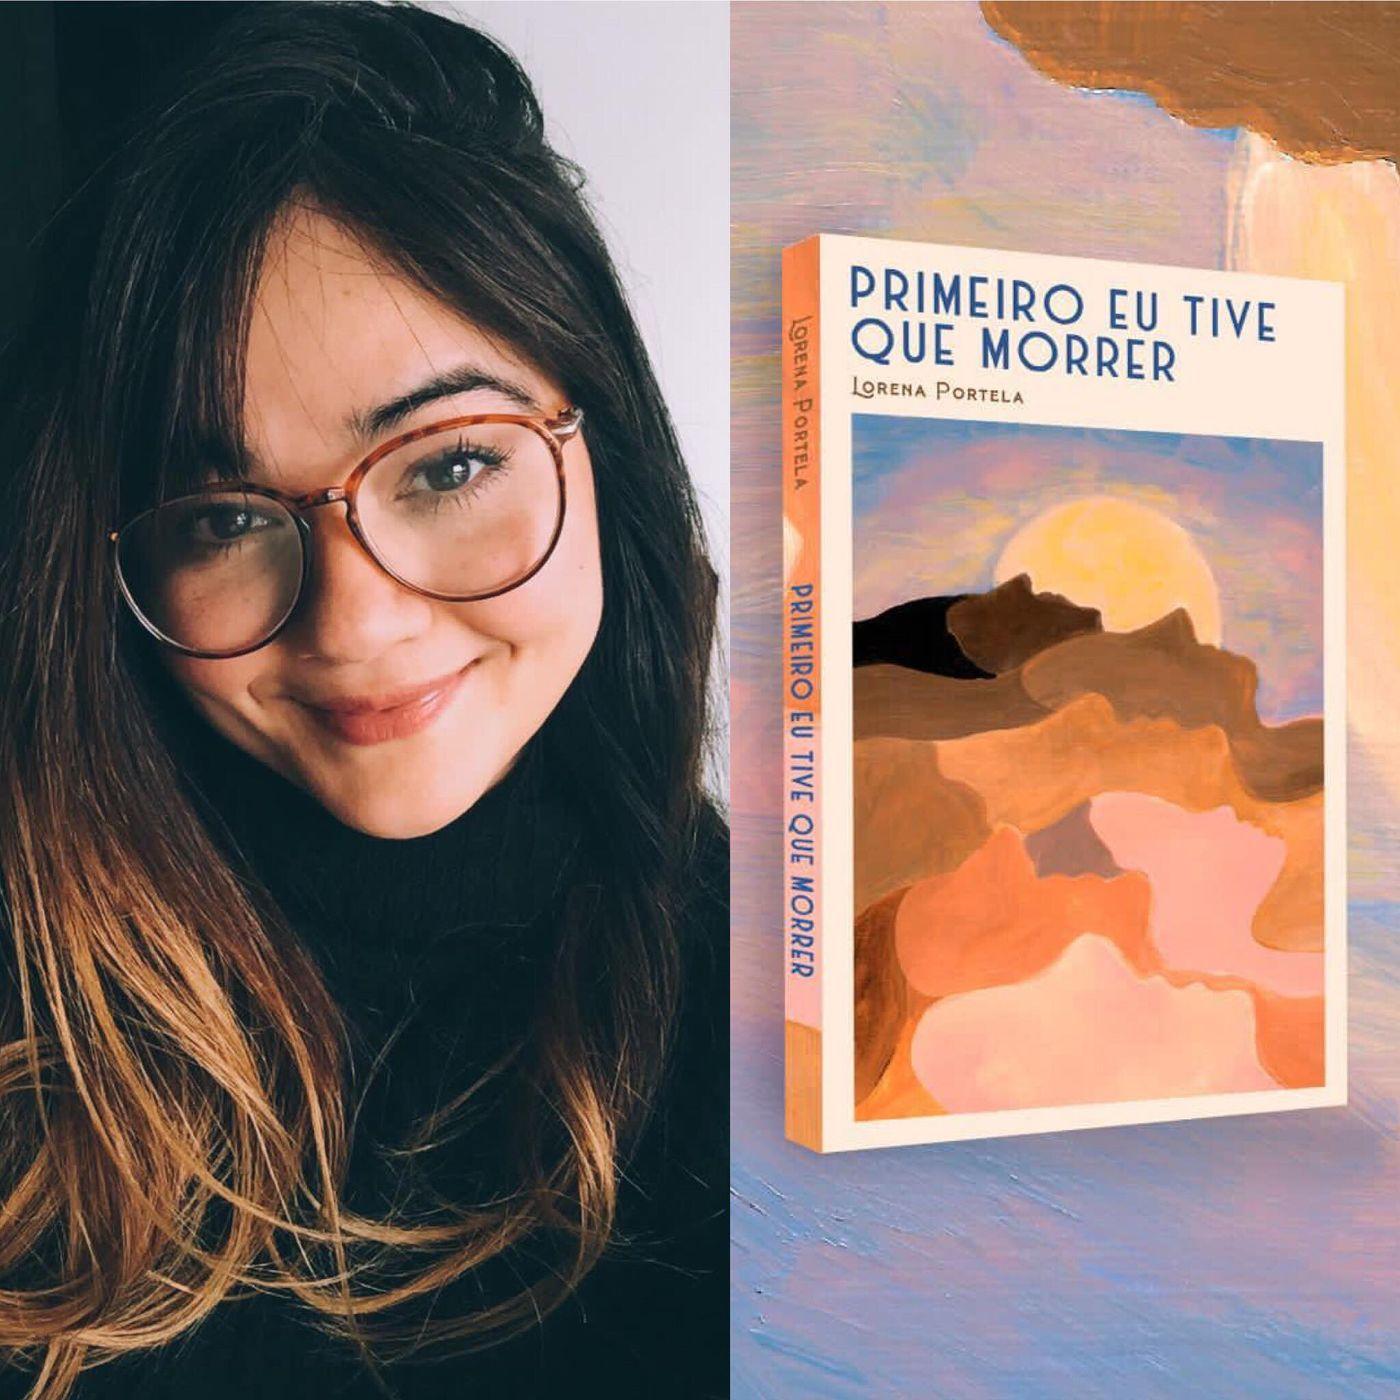 t02e25 - Literatura independente (ou como morrer, mas passar bem) - Lorena Portela e seu romance de estreia